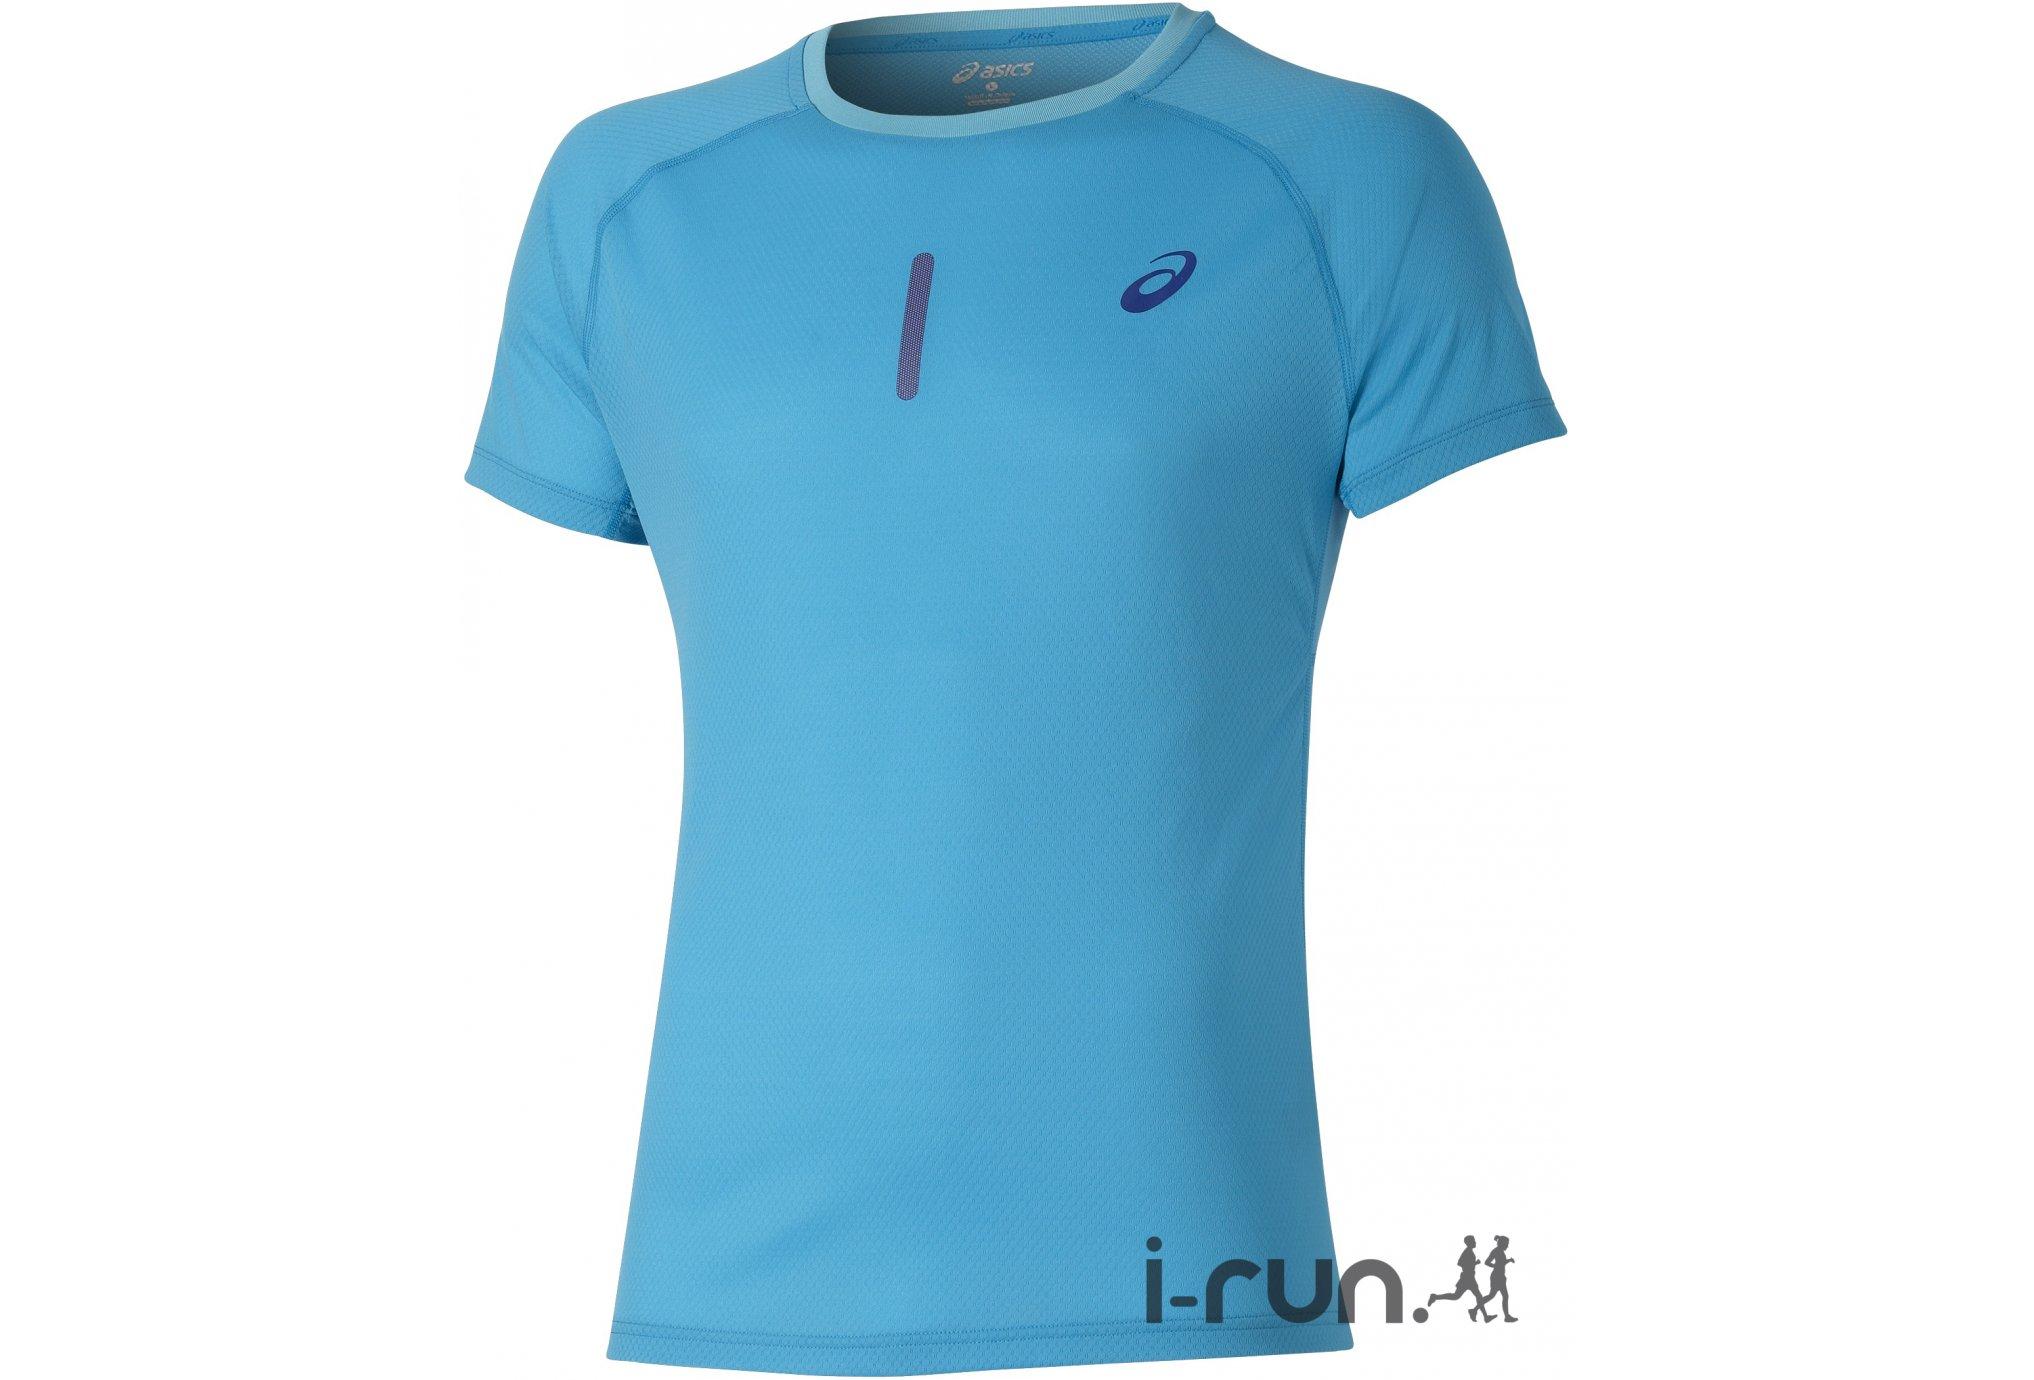 Asics Tee-Shirt SS Top M Diététique Vêtements homme